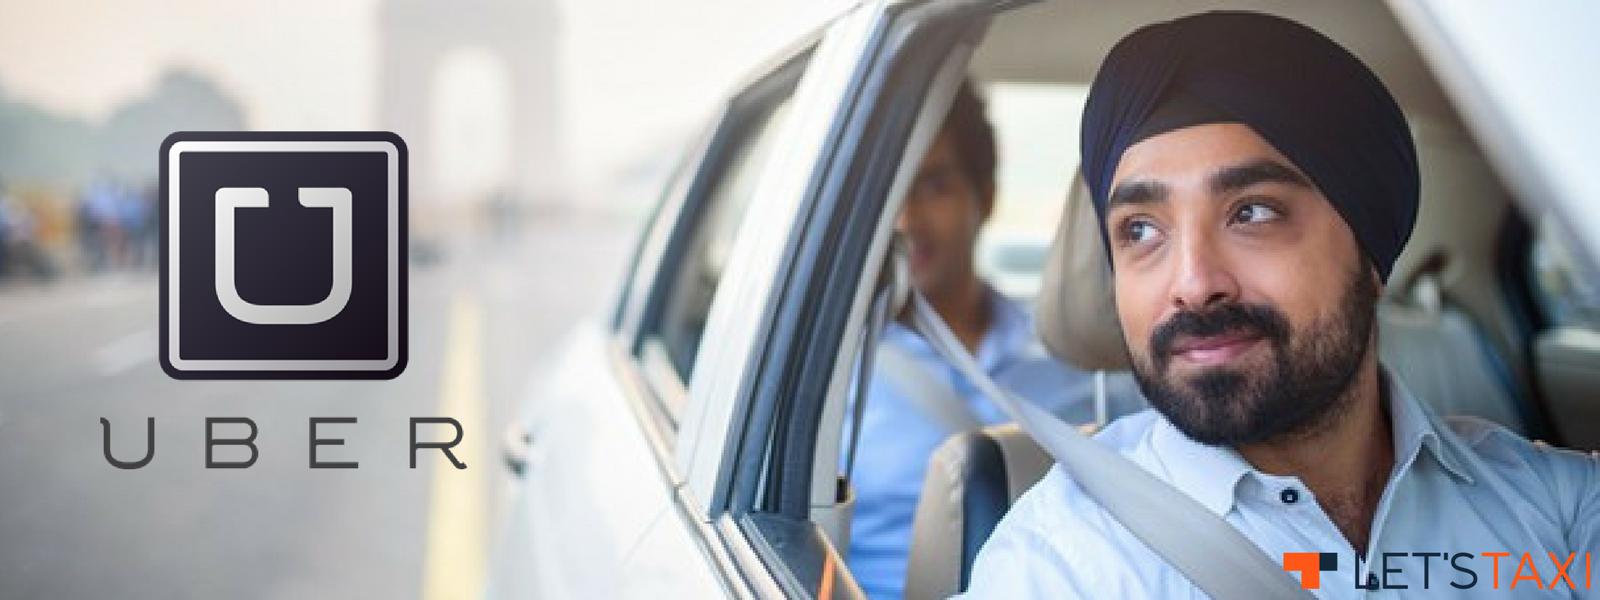 такси Uber в Индии